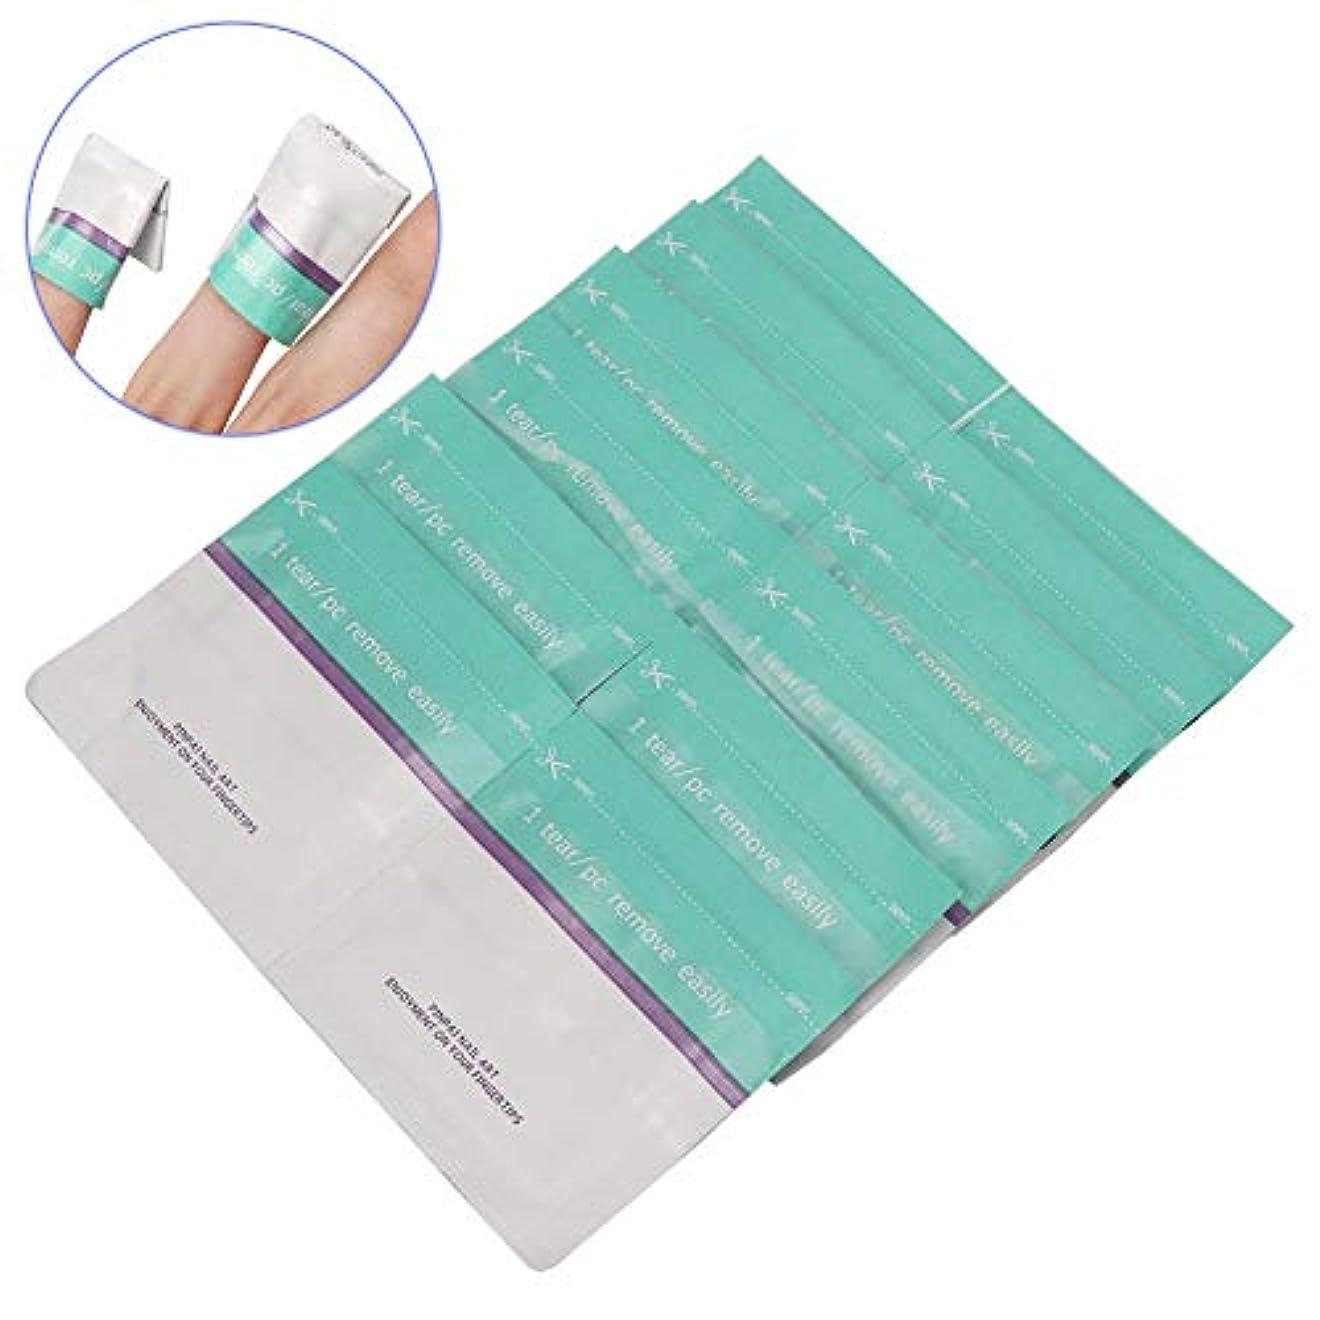 マニュアル通行料金簡単にYuyte 200ピース使い捨てネイルポリッシュリムーバー錫箔ラップuvジェルリムーバーコットンパッドマニキュアツール